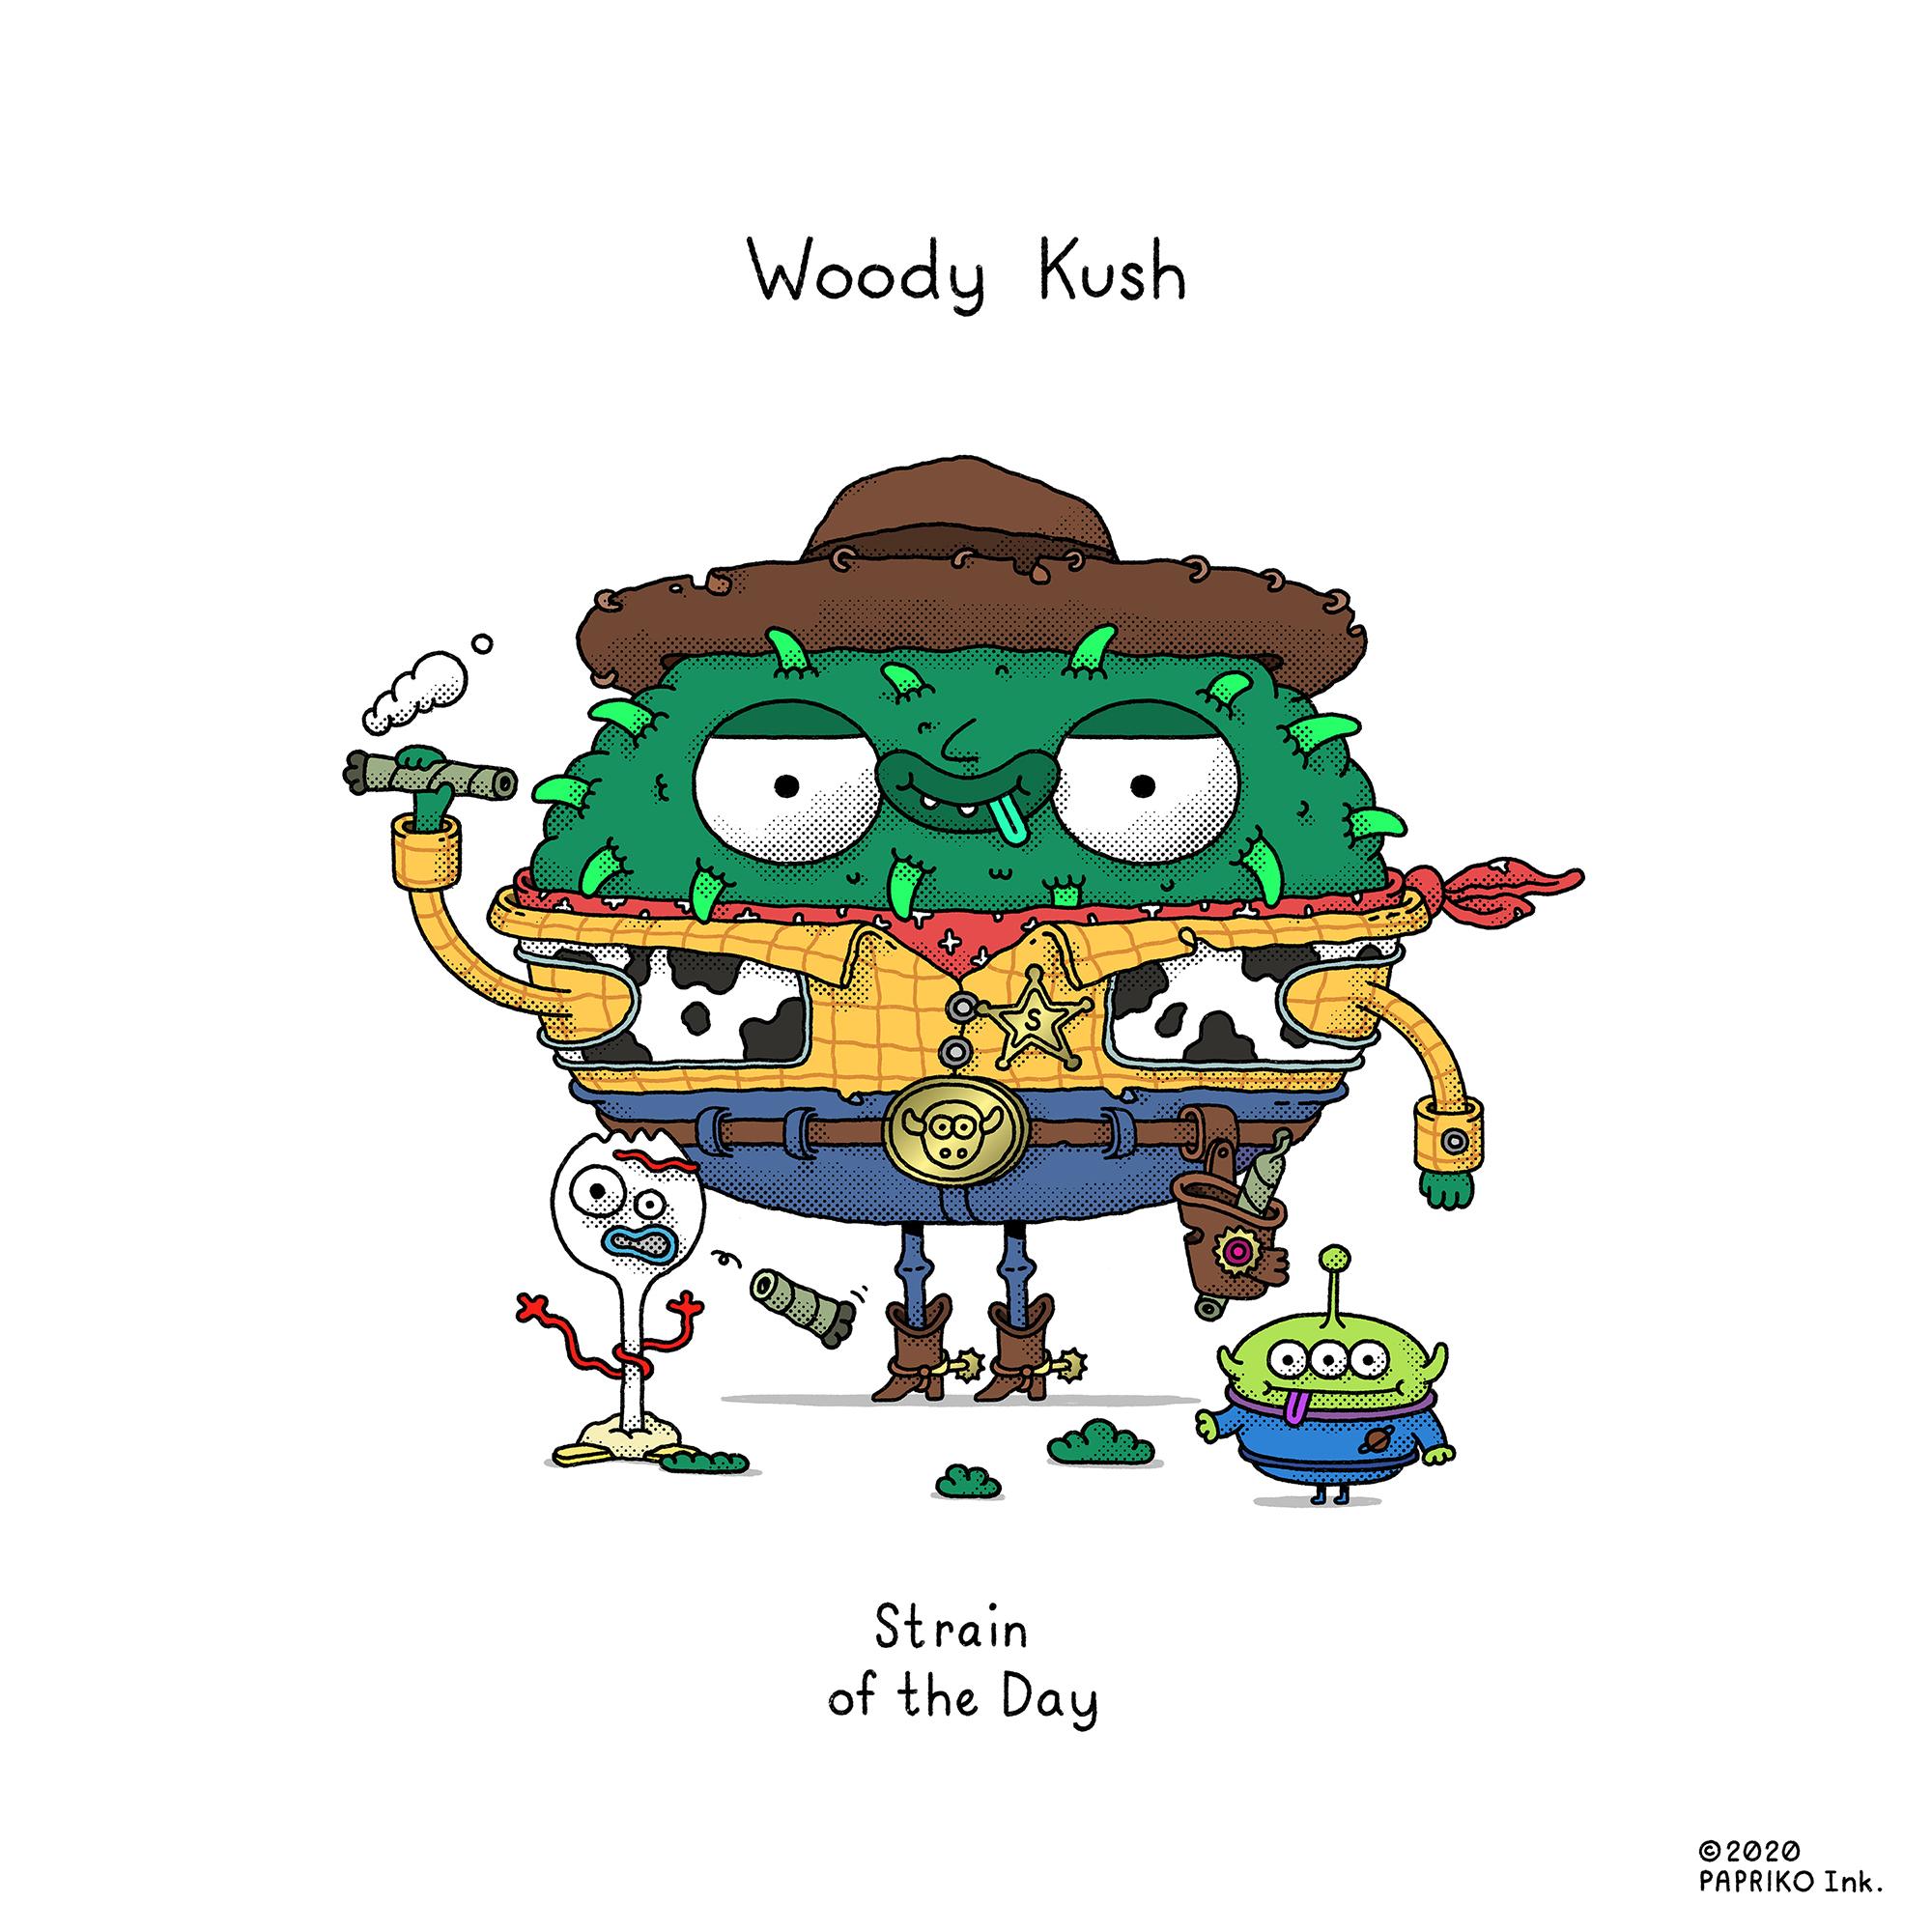 'Woody Kush' - Strain of the Day